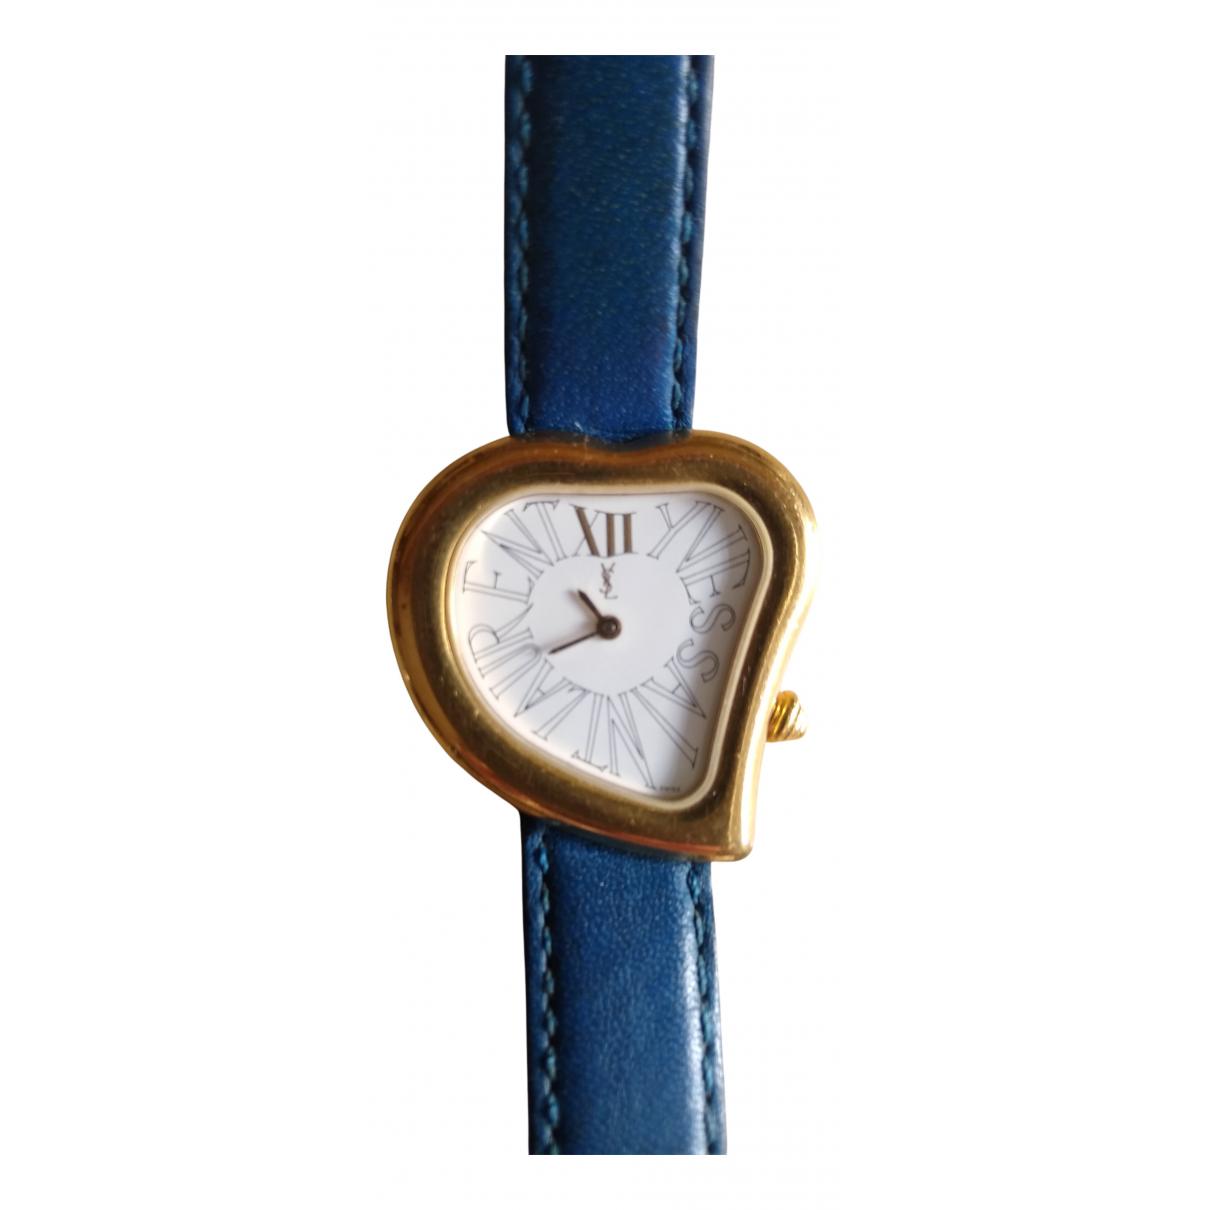 Yves Saint Laurent - Montre   pour femme en plaque or - bleu